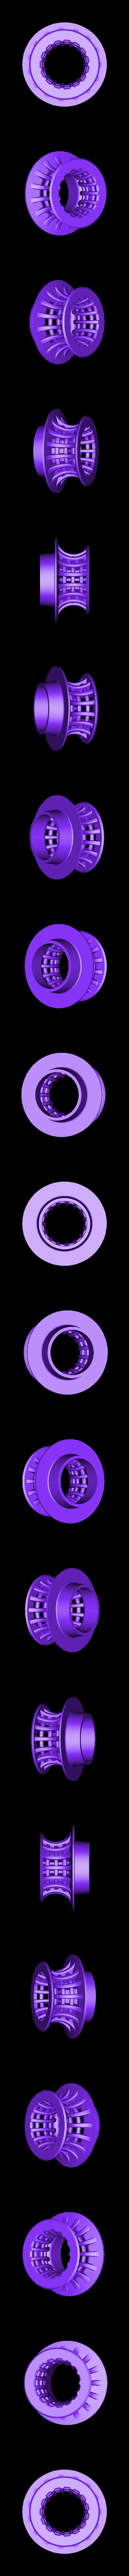 tub_hairr_catcher_thing.stl Télécharger fichier STL gratuit Capteur de cheveux pour bac de 36 mm ou 1 1/4 • Design imprimable en 3D, hitchabout